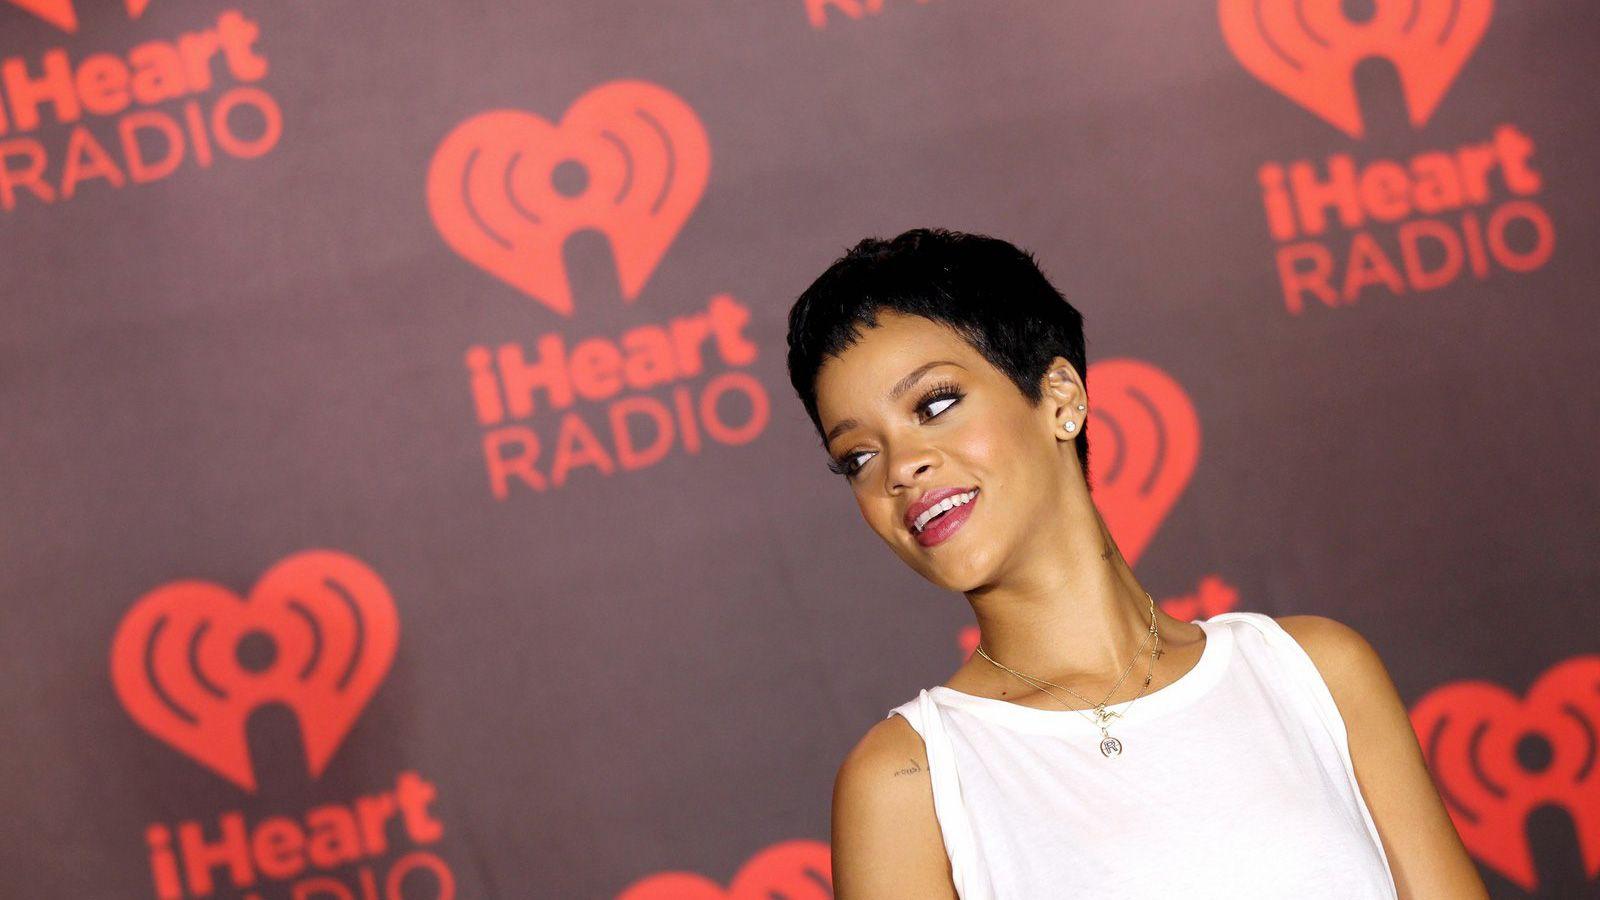 Rihanna at iHeart Radio Robyn Rihanna Fenty Album